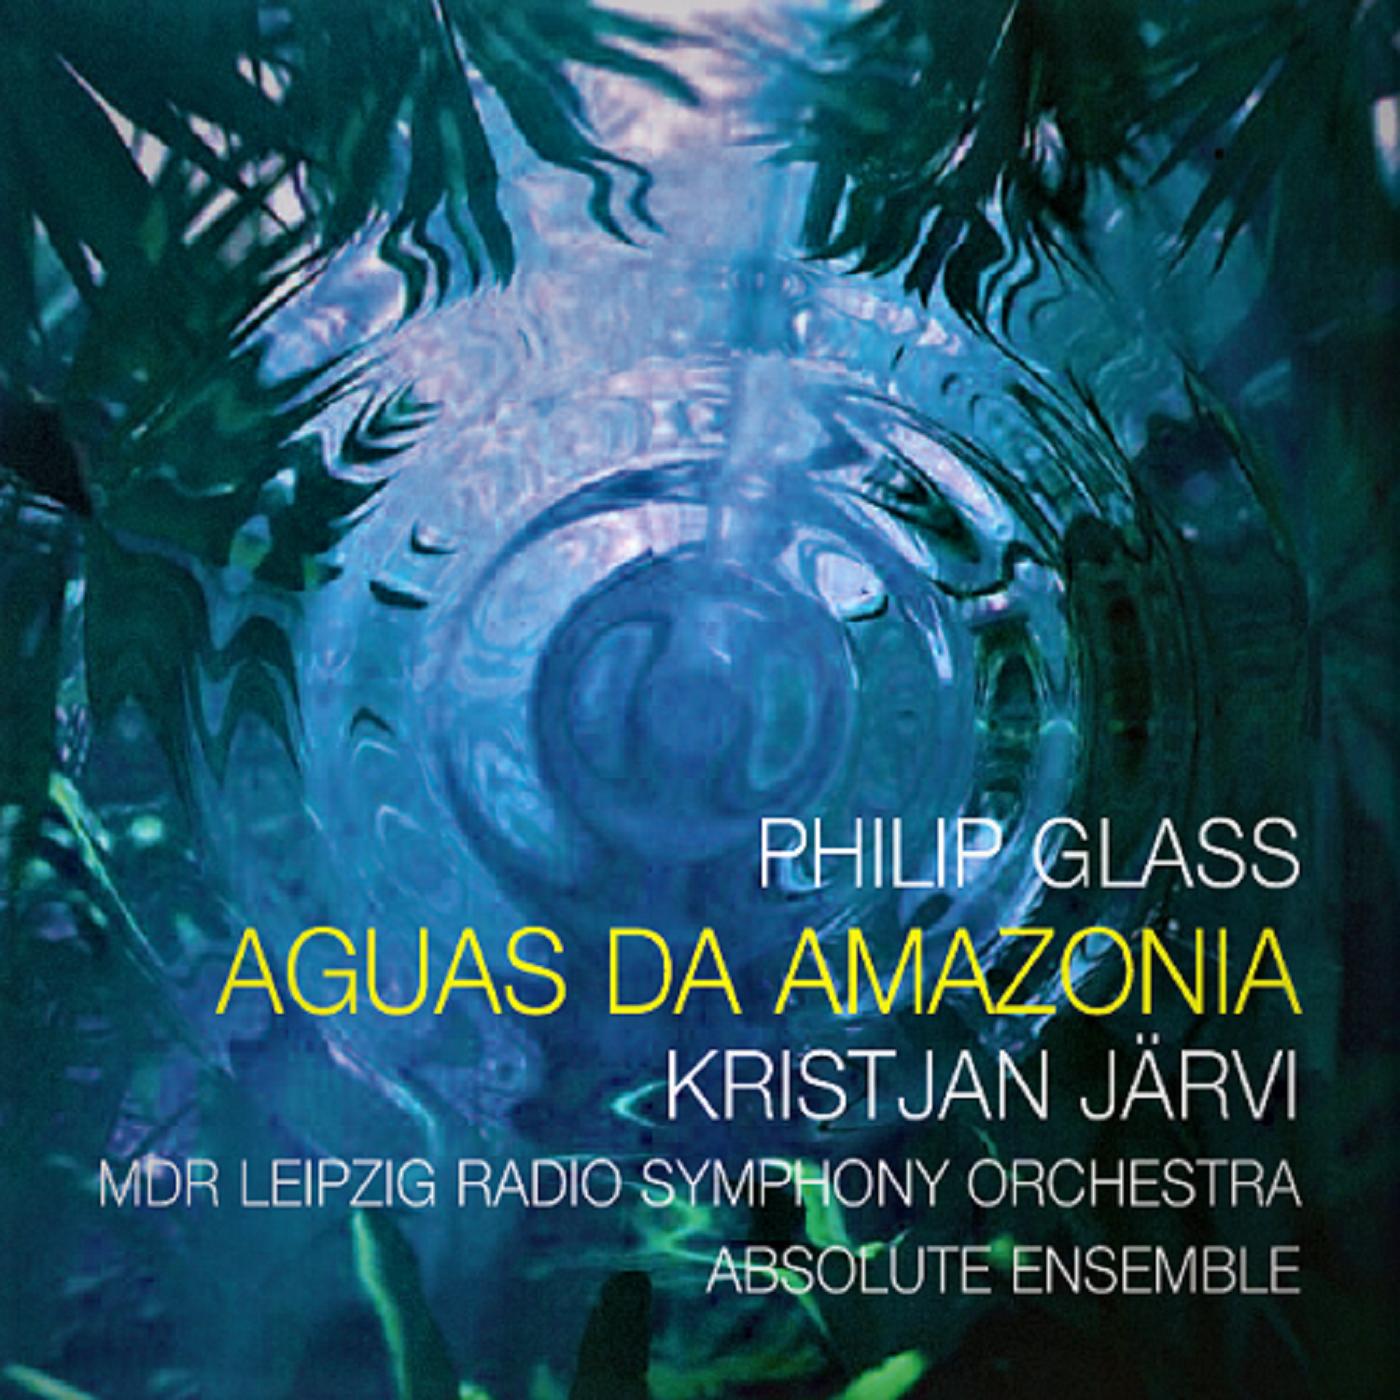 Philip Glass, Aguas da Amazonia